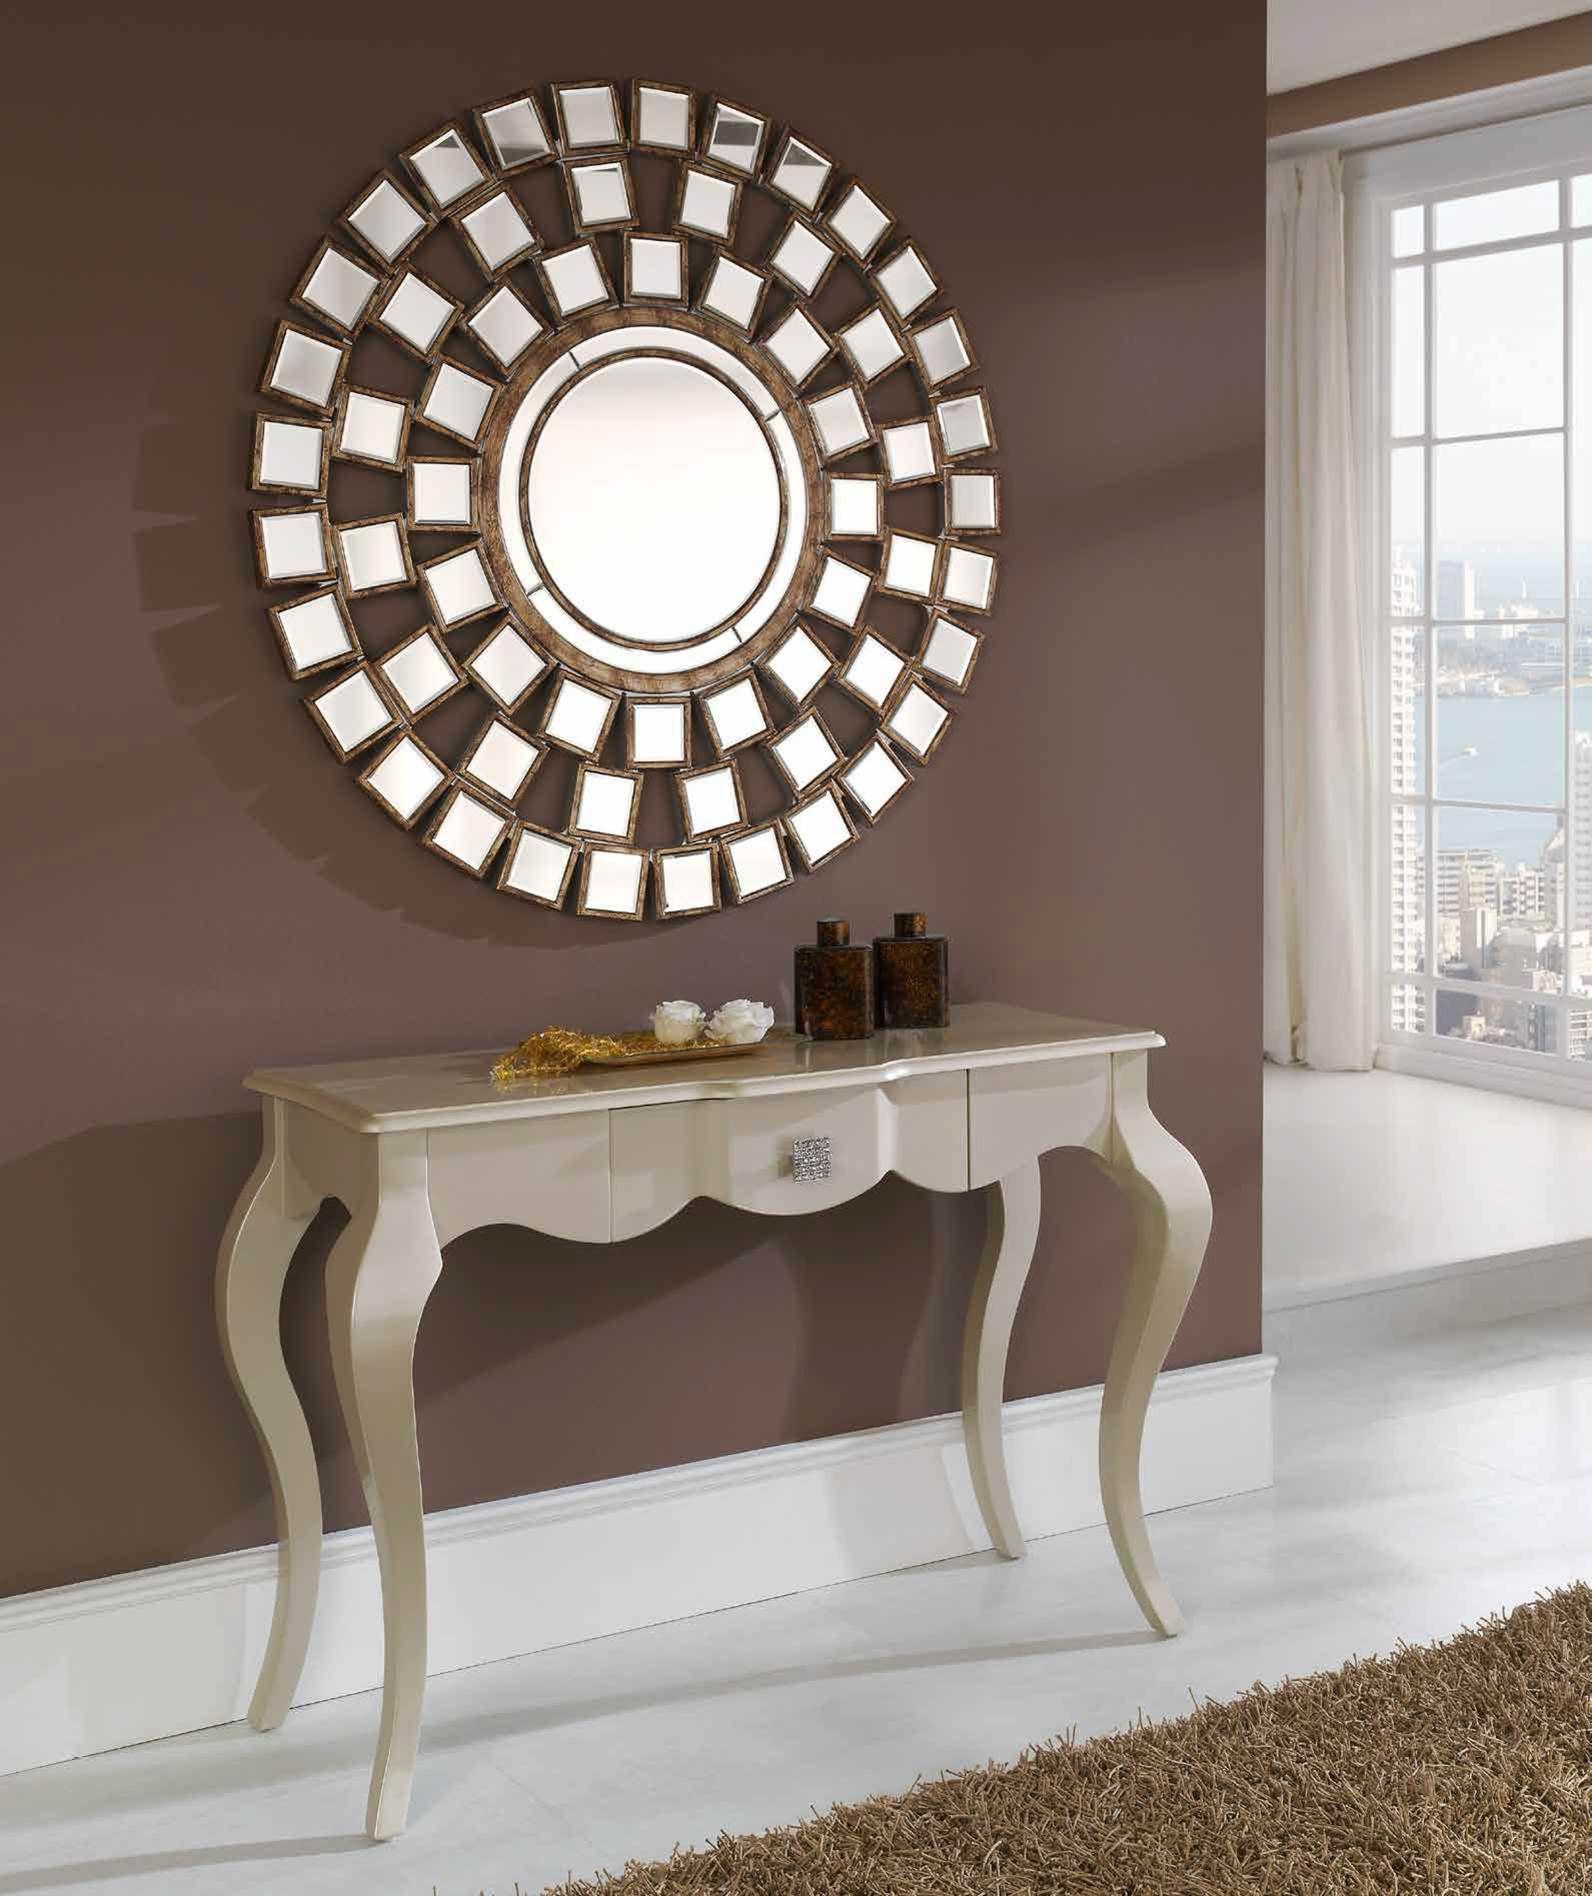 Espejo decorativo redondo formado de peque os espejos for Espejos redondos pequenos